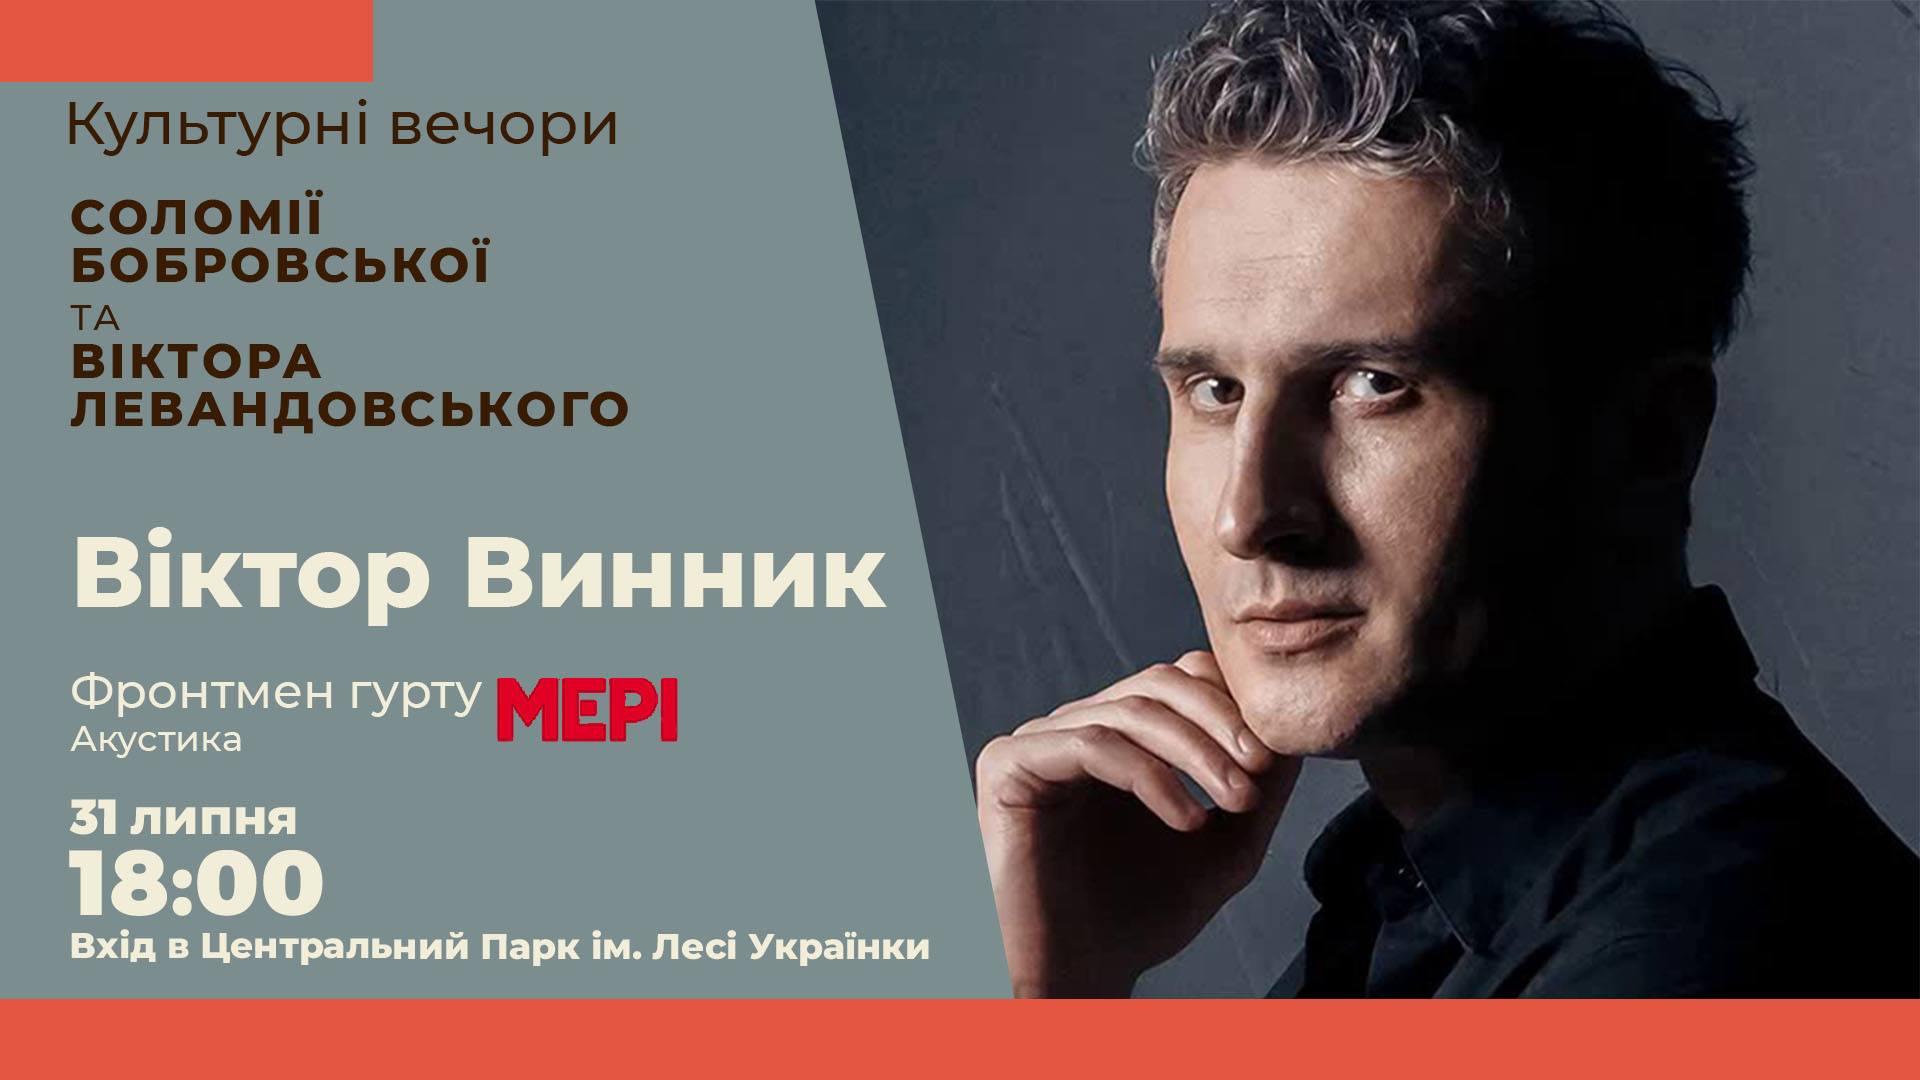 Сьогодні у Луцьку відбудеться акустичний вечір Віктора Винника